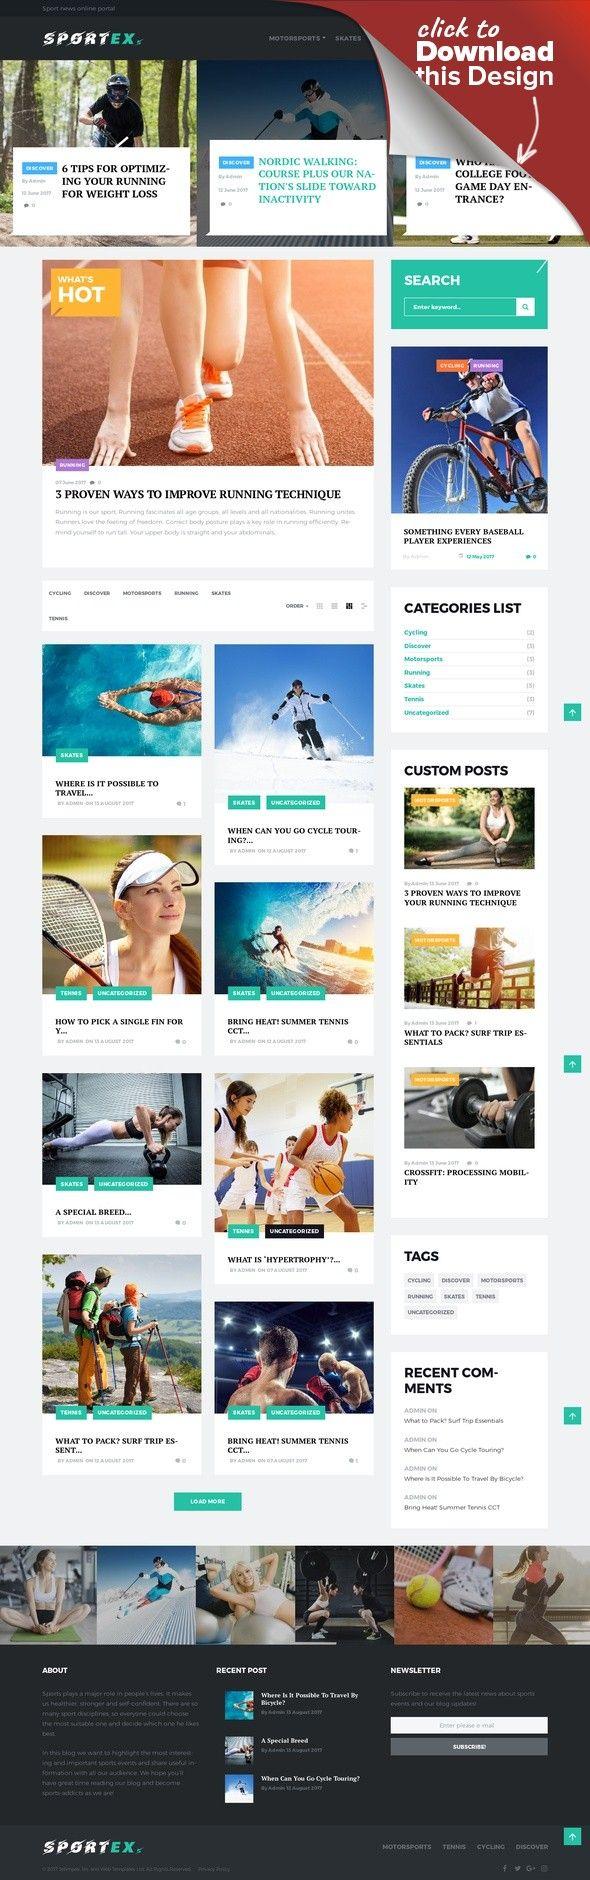 Template WordPress Responsive #65044 per Un Sito di Bowling Modelli CMS e Blog, Temi Wordpress, Template Sport, Viaggi e Hotel, Template Sport, Template Altri Sport   Template WordPress per Un Sito di Bowling. Funzionalità aggiuntive, documentazione dettagliata e immagini stock incluse.